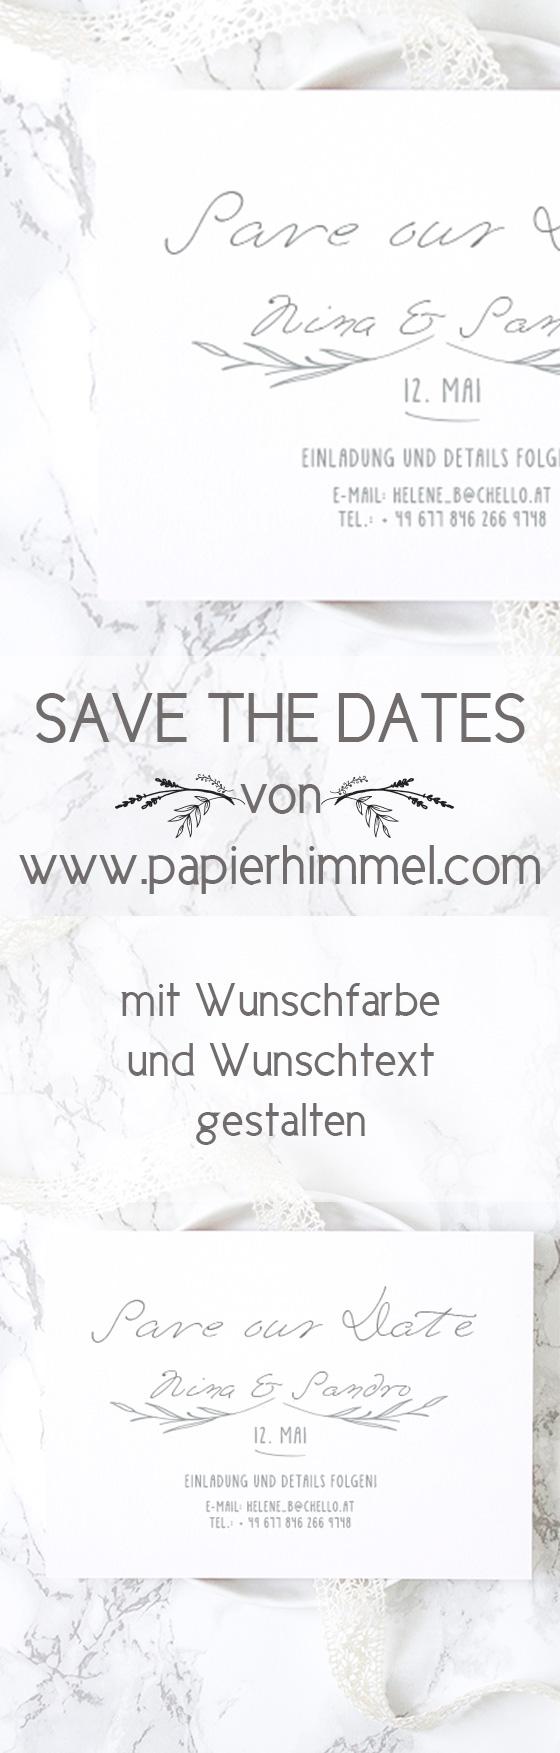 #save The Date #Hochzeitseinladungen #zweige #papeterie #hochzeit #romantic  #romantisch #minimalistisch #wedding Stationery #weddinginvitation, ...